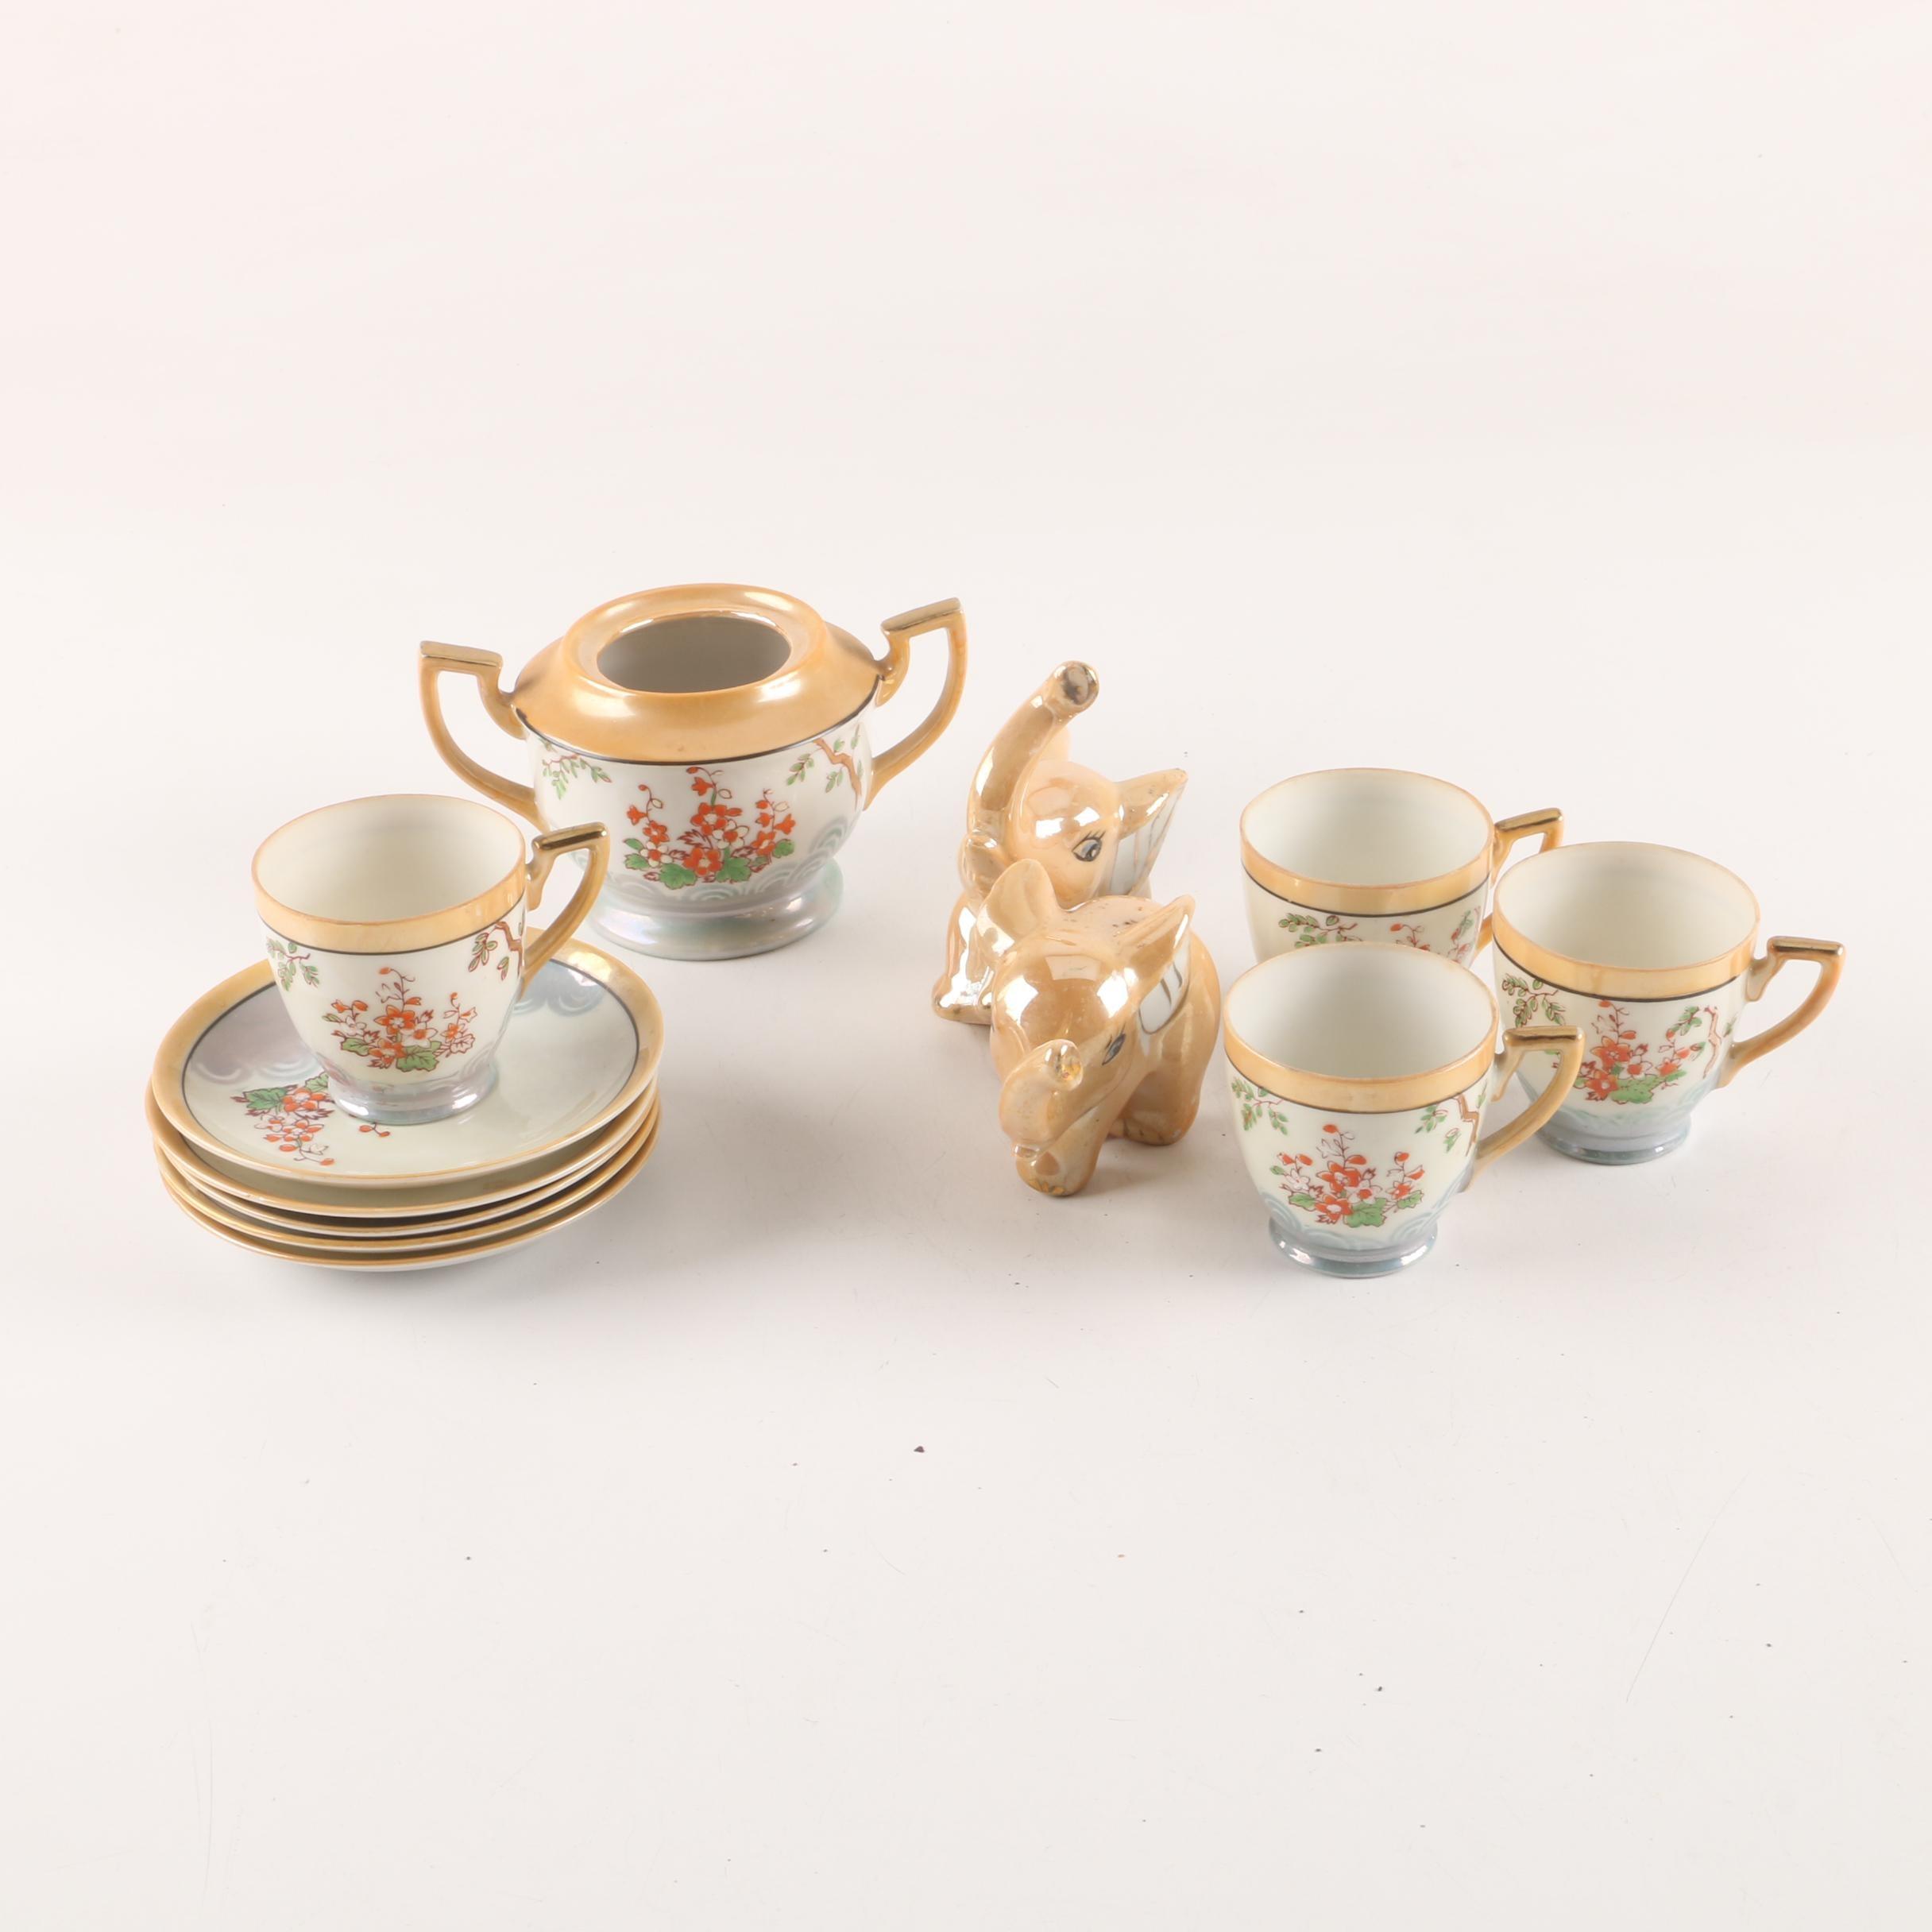 Vintage Lusterware Figurines, Sugar Bowl and Demitasse Cups